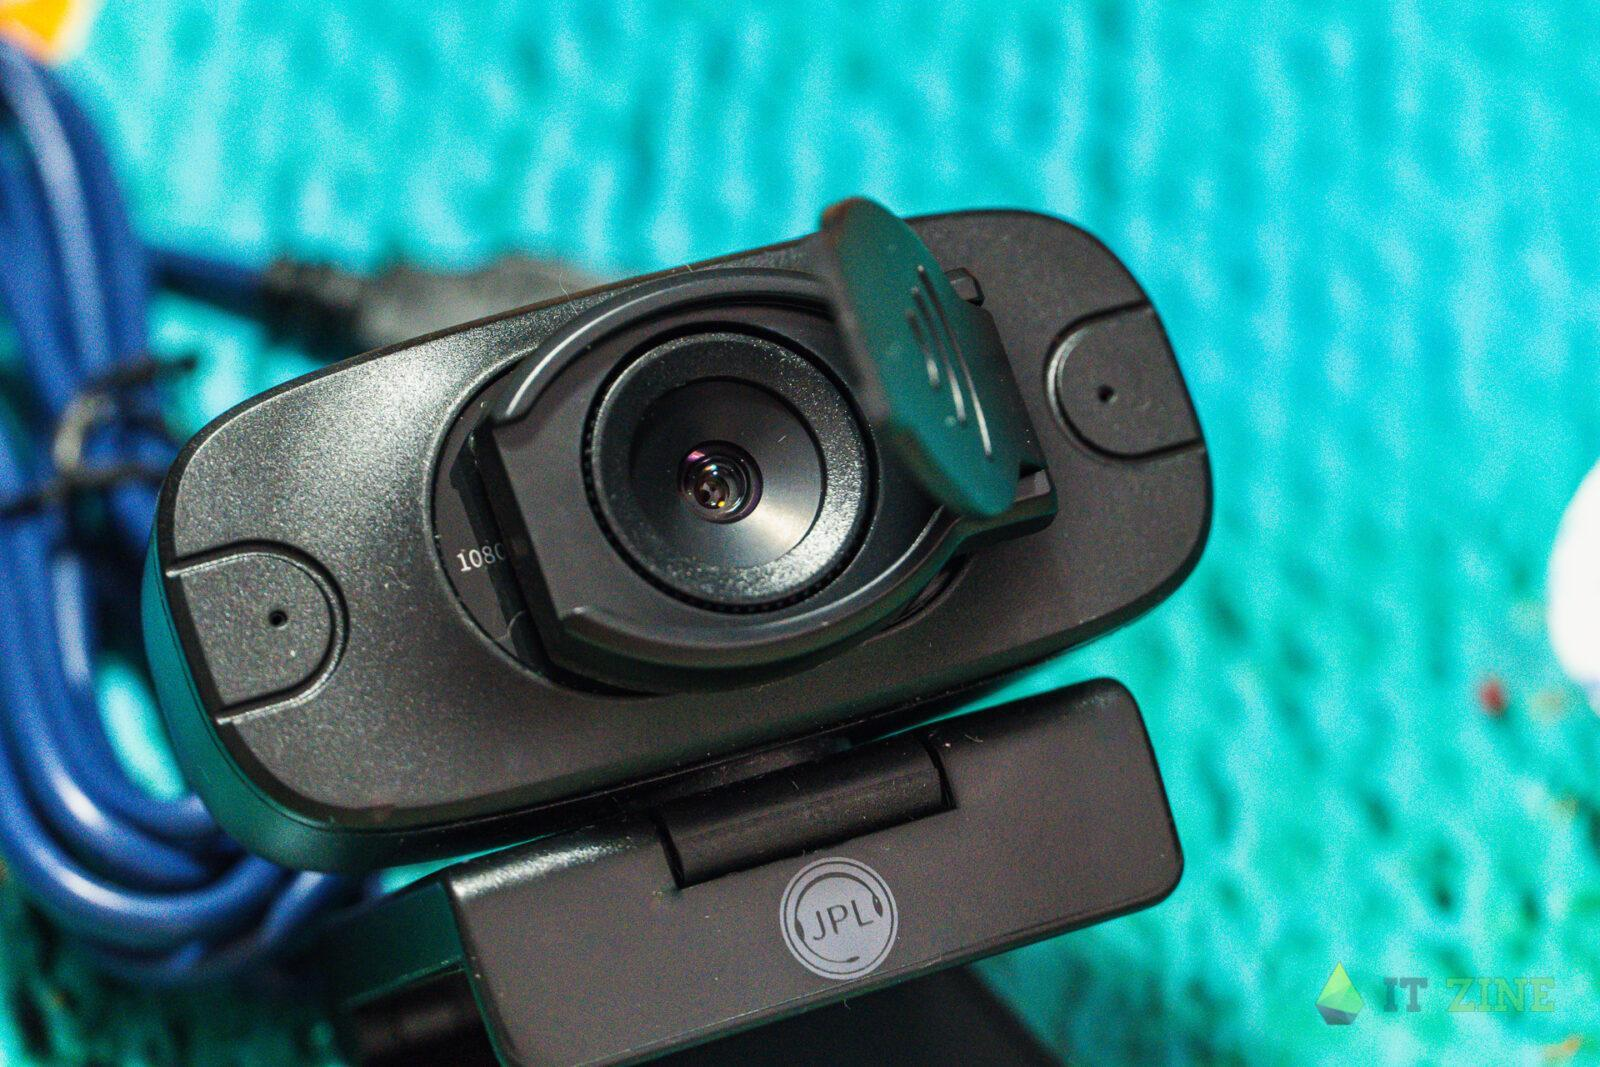 Обзор камеры JPL Vision Mini: видеозвонки во всей красе (jpl 2607 4)